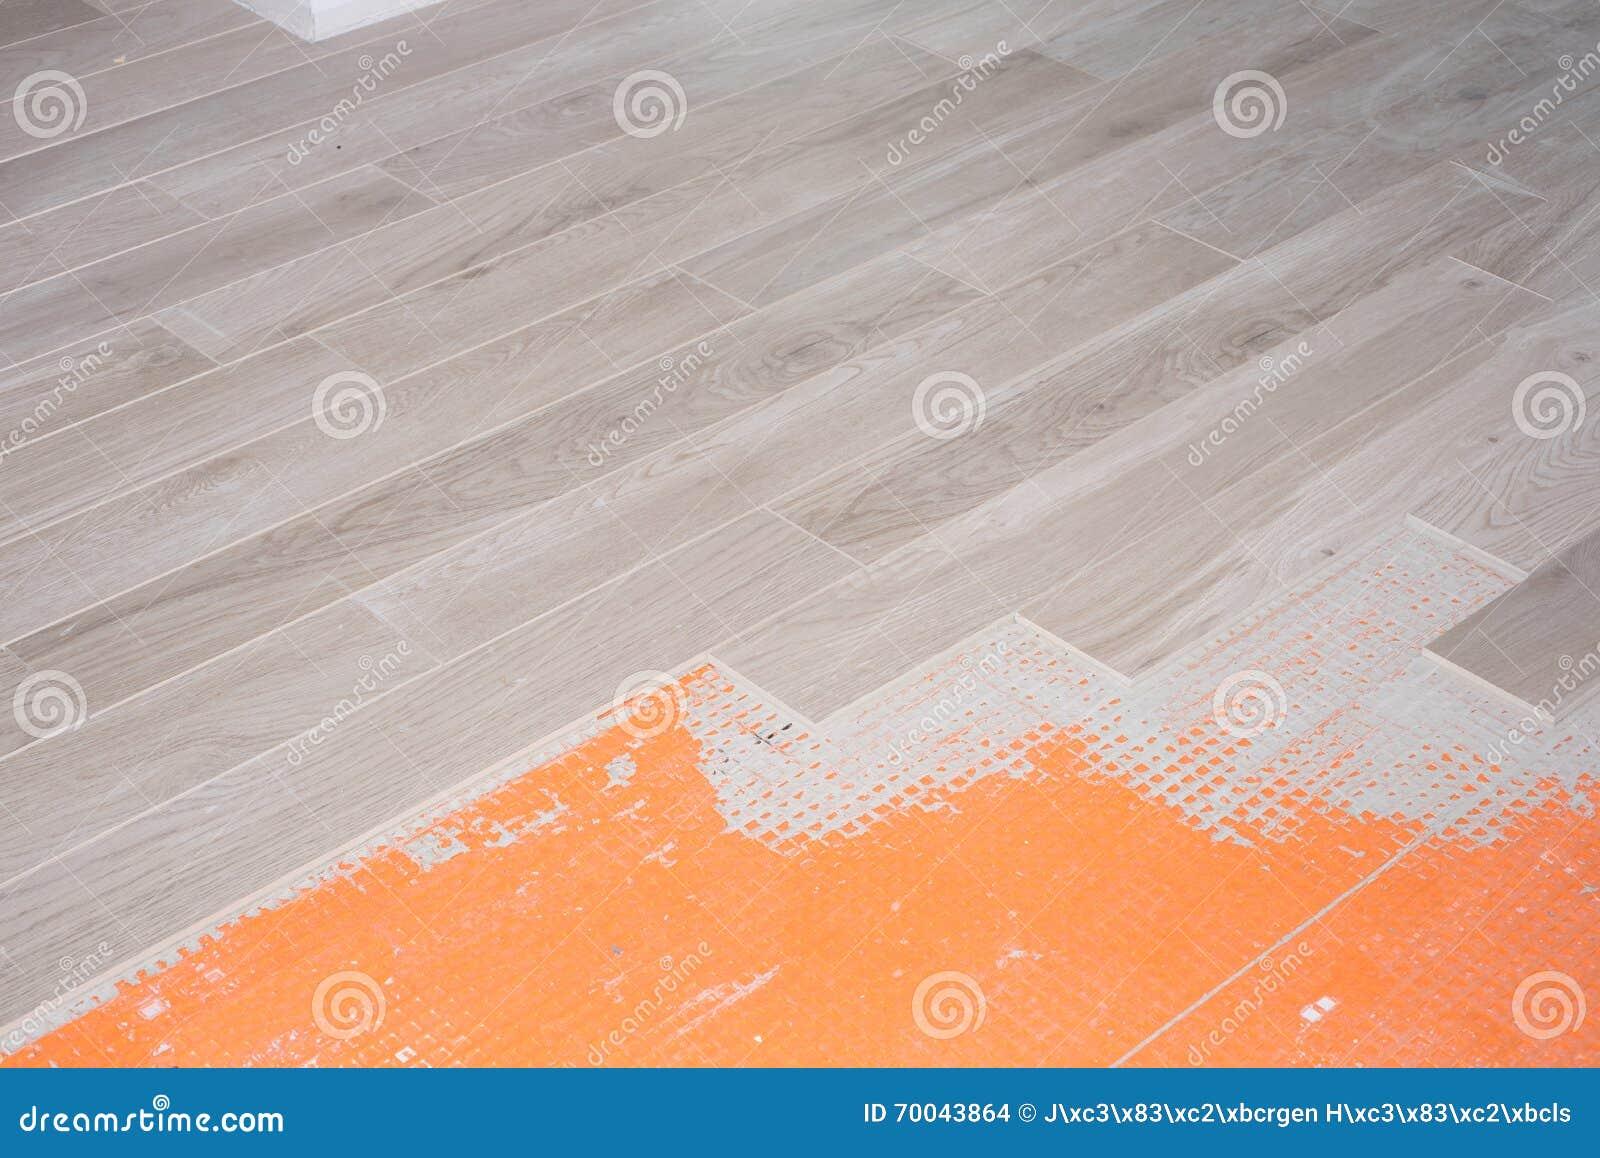 Vloervernieuwing met keramische tegels in houten ontwerp stock ...